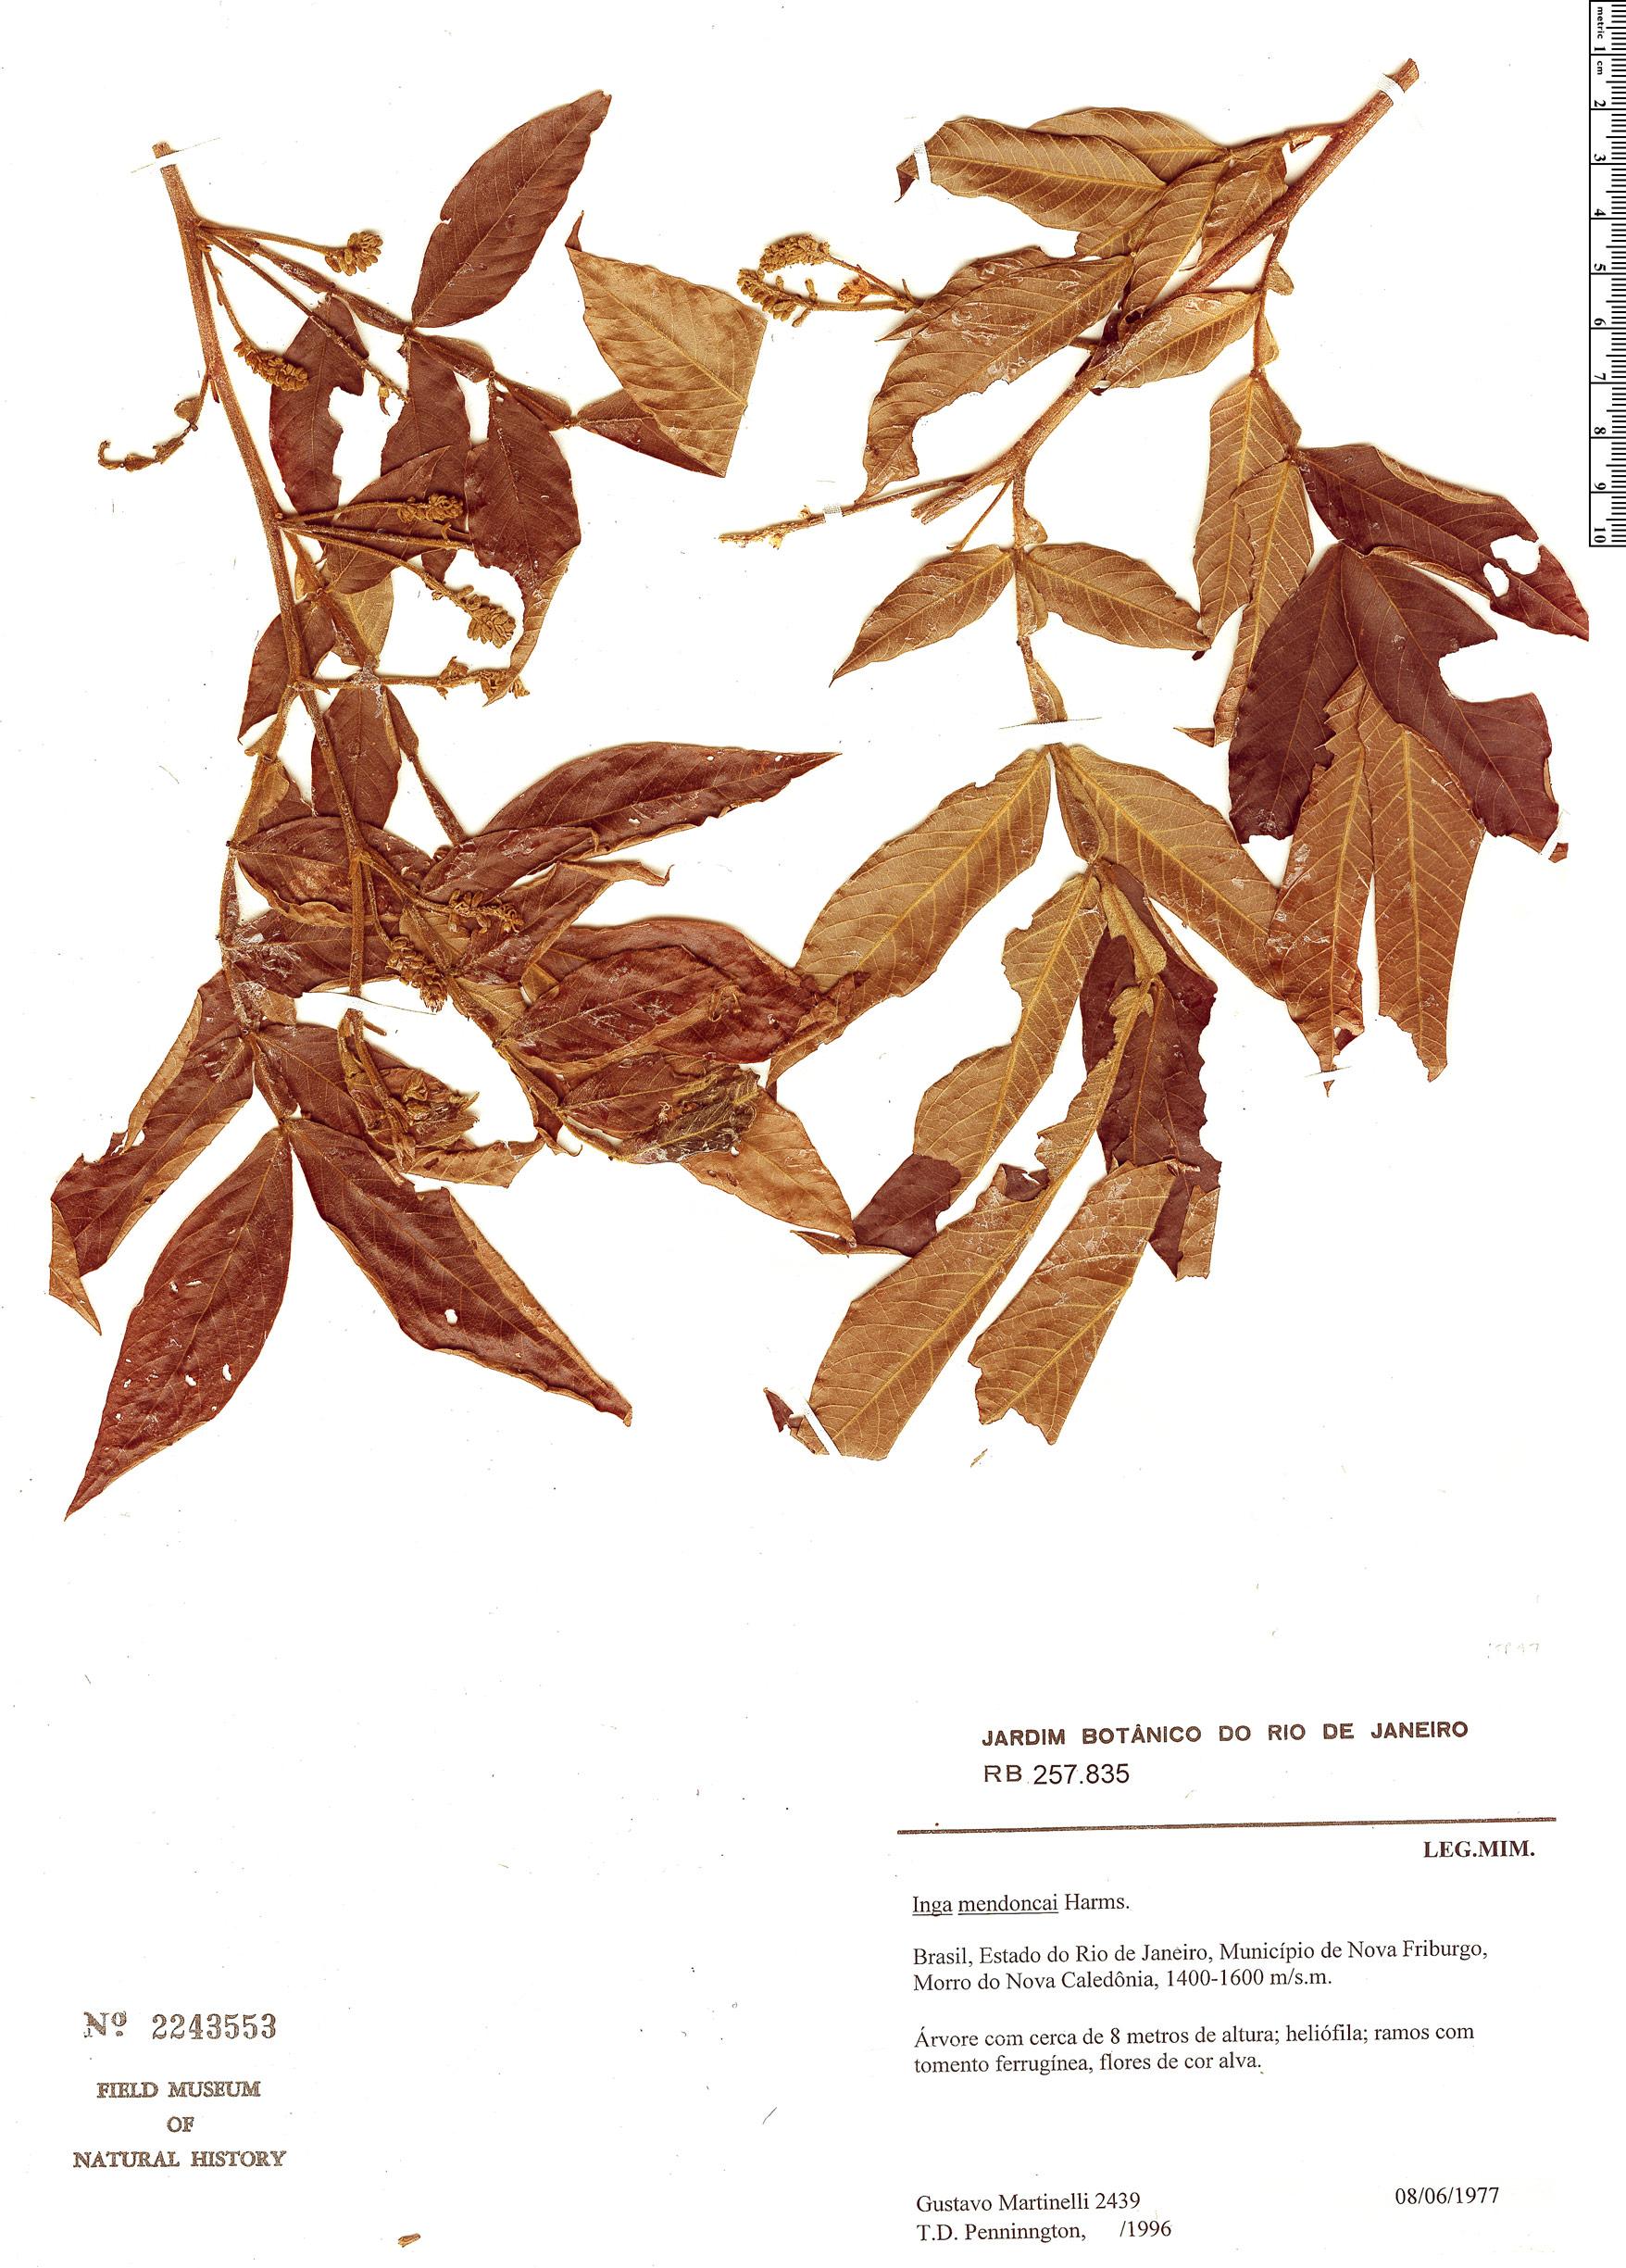 Specimen: Inga mendoncaei